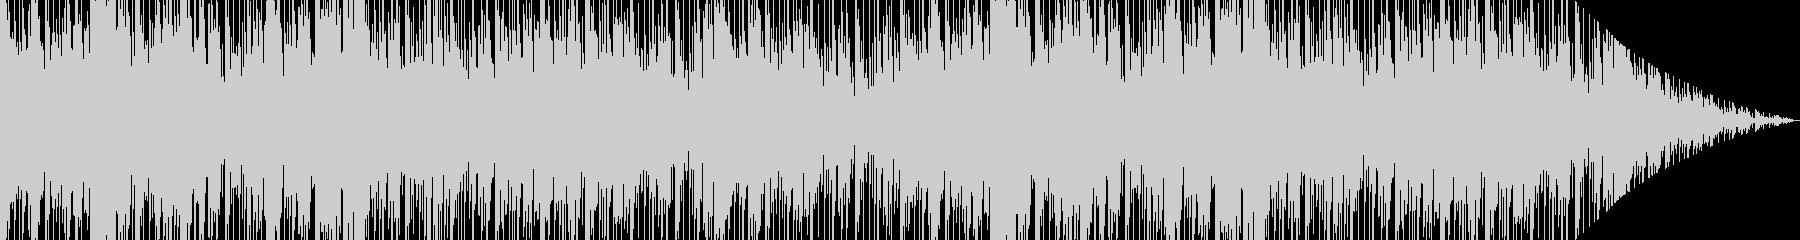 民族楽器を使用したエスニック風な曲の未再生の波形